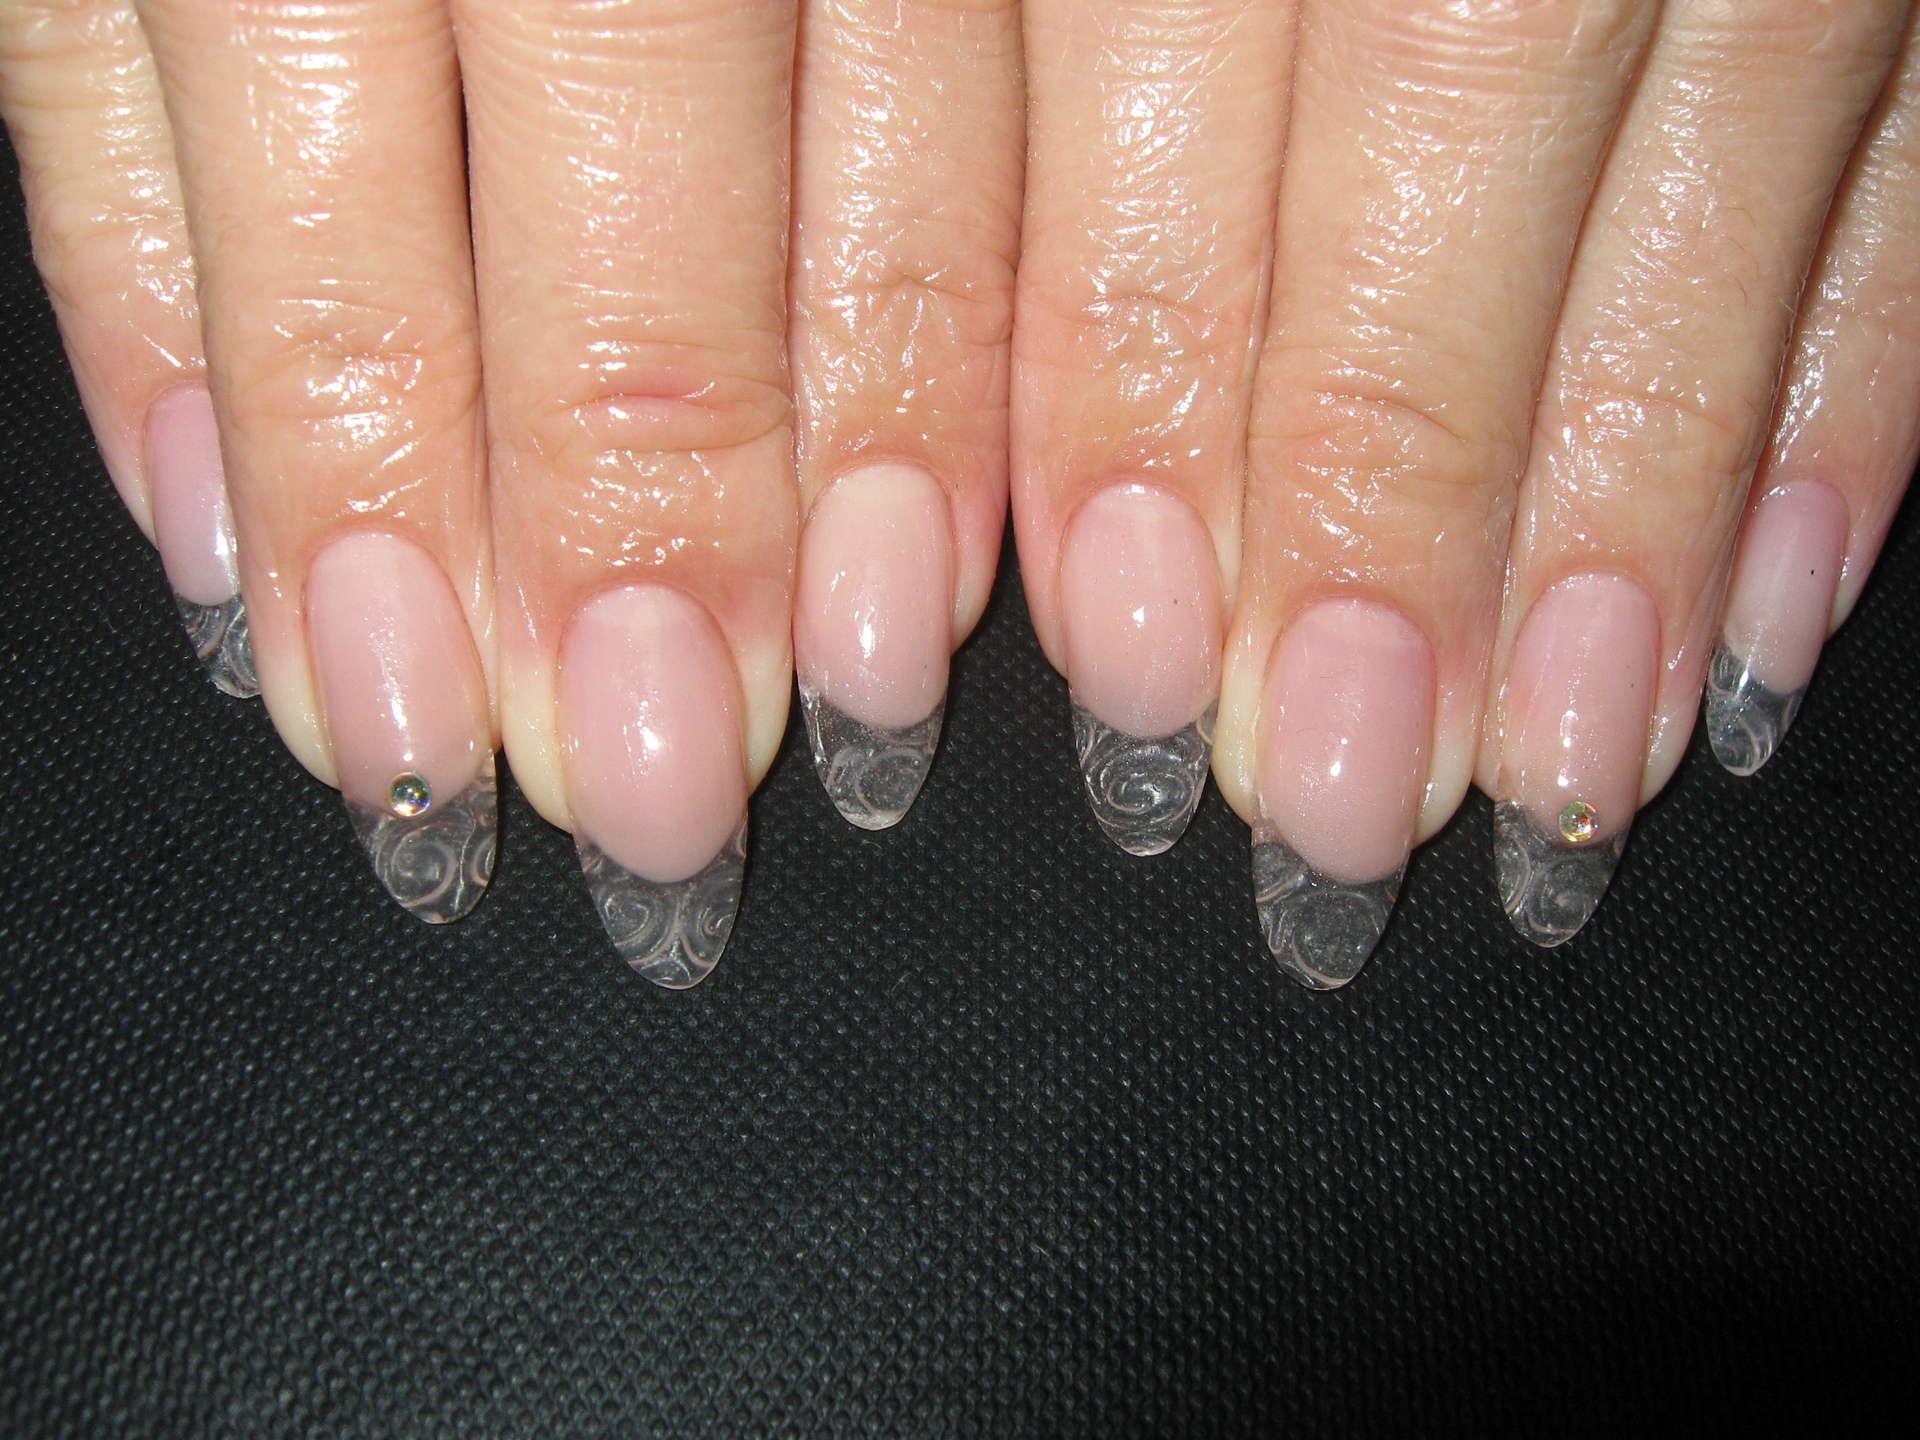 Прозрачный гель фото ногтей